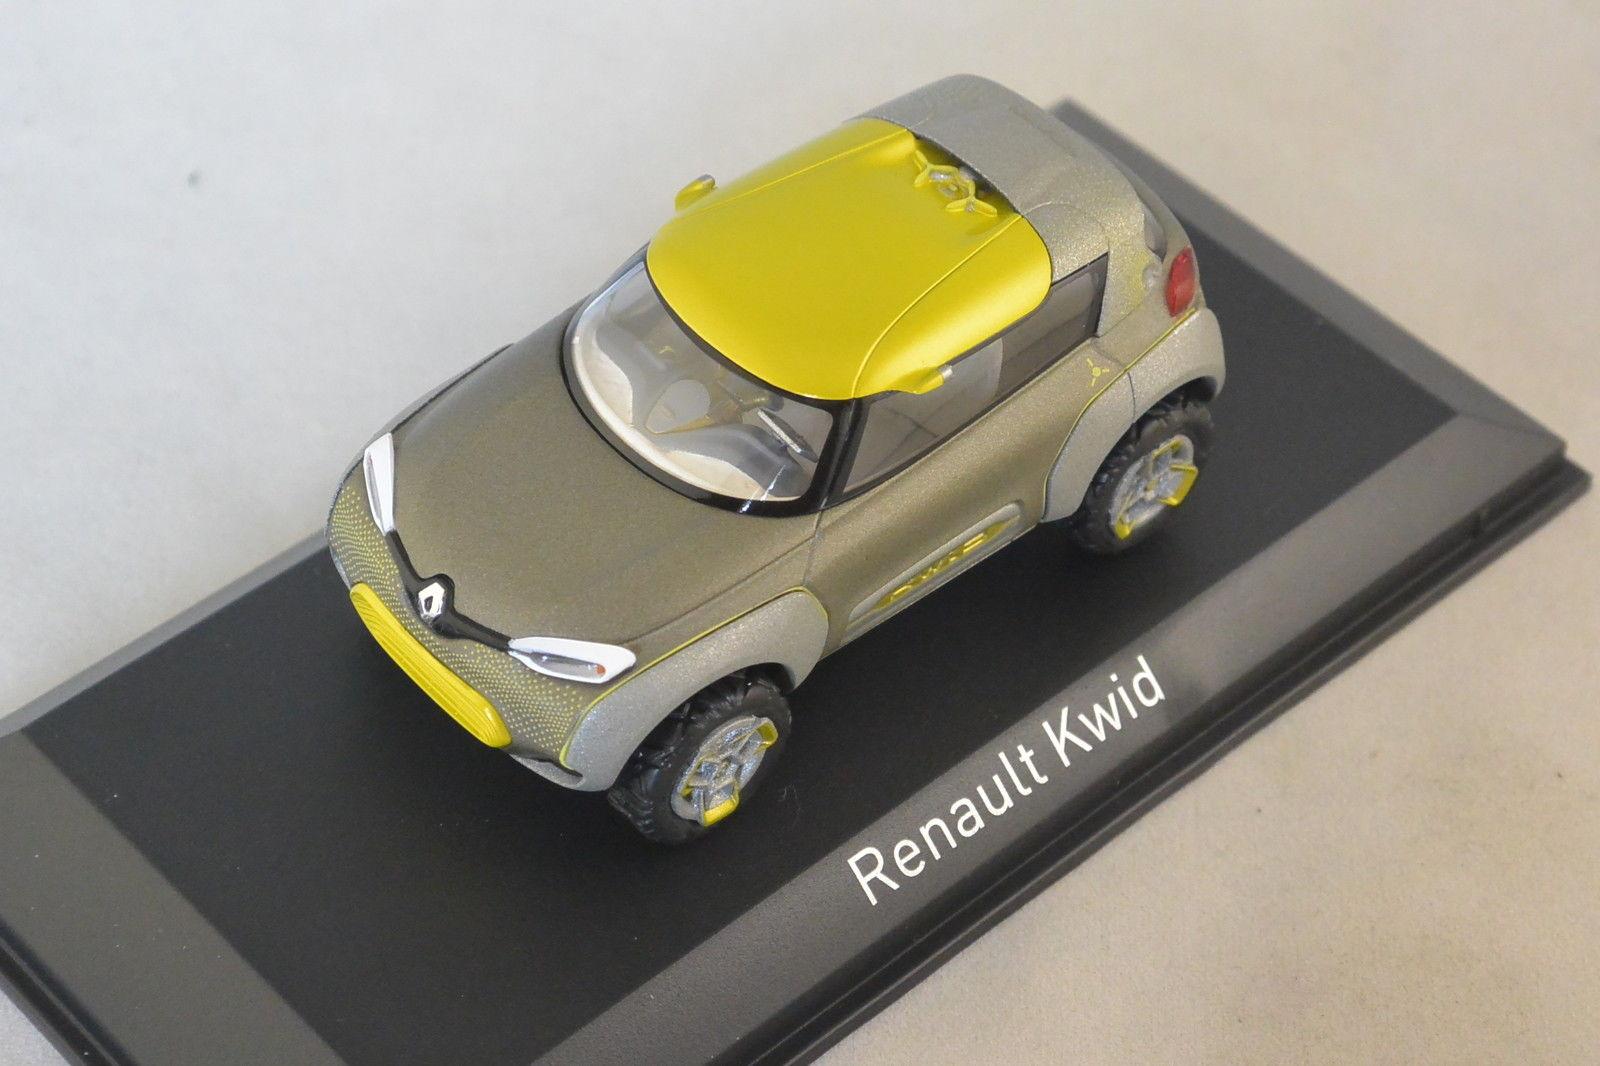 43_Renault_Kwid_b